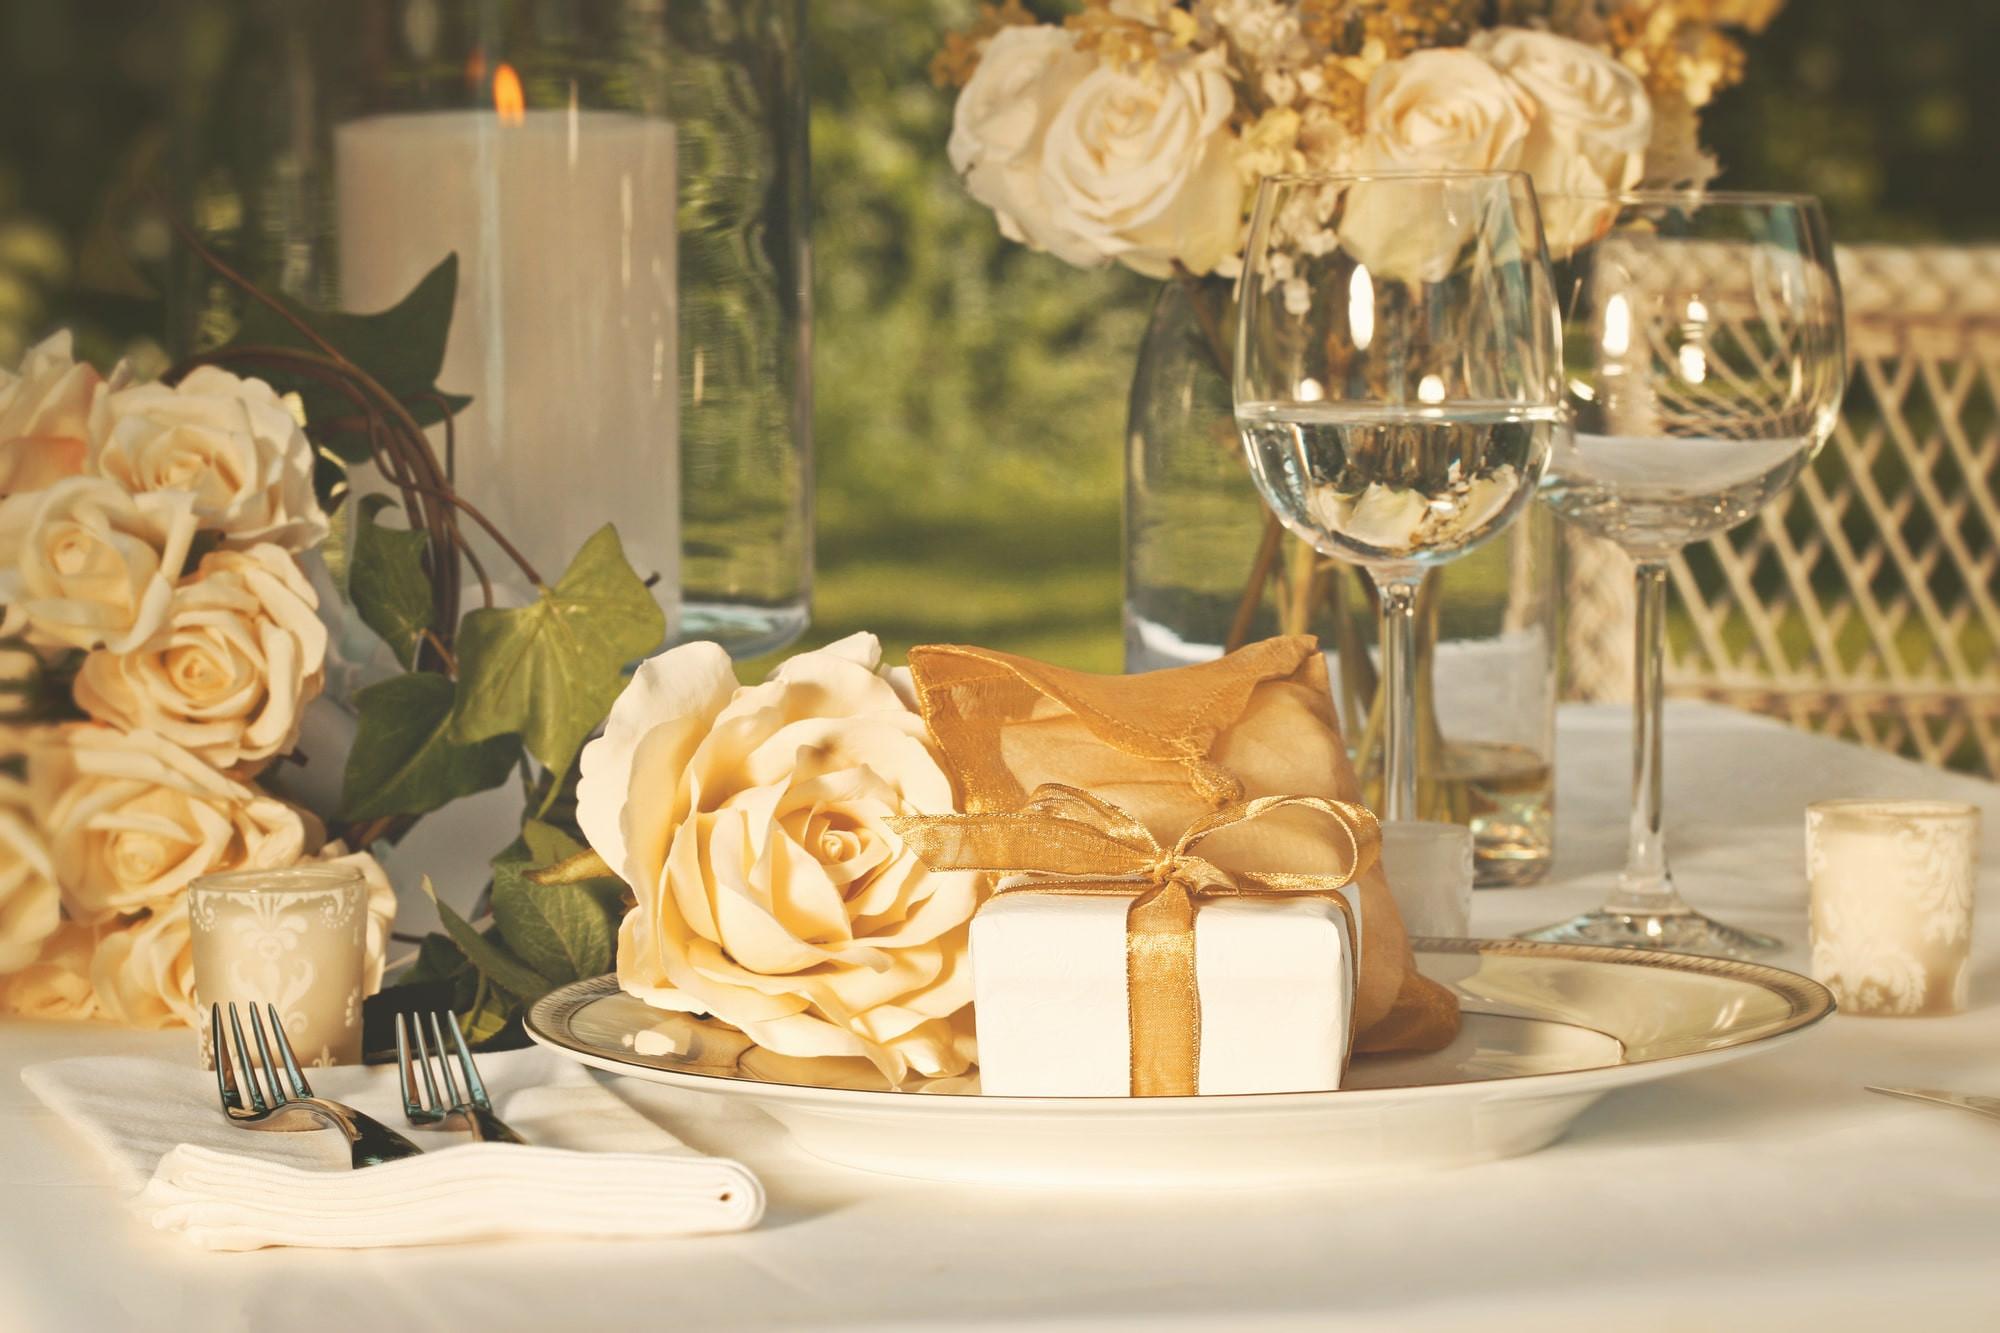 Glückwünsche Zur Goldenen Hochzeit  Glückwünsche zur Goldenen Hochzeit 50 tolle Sprüche & 5